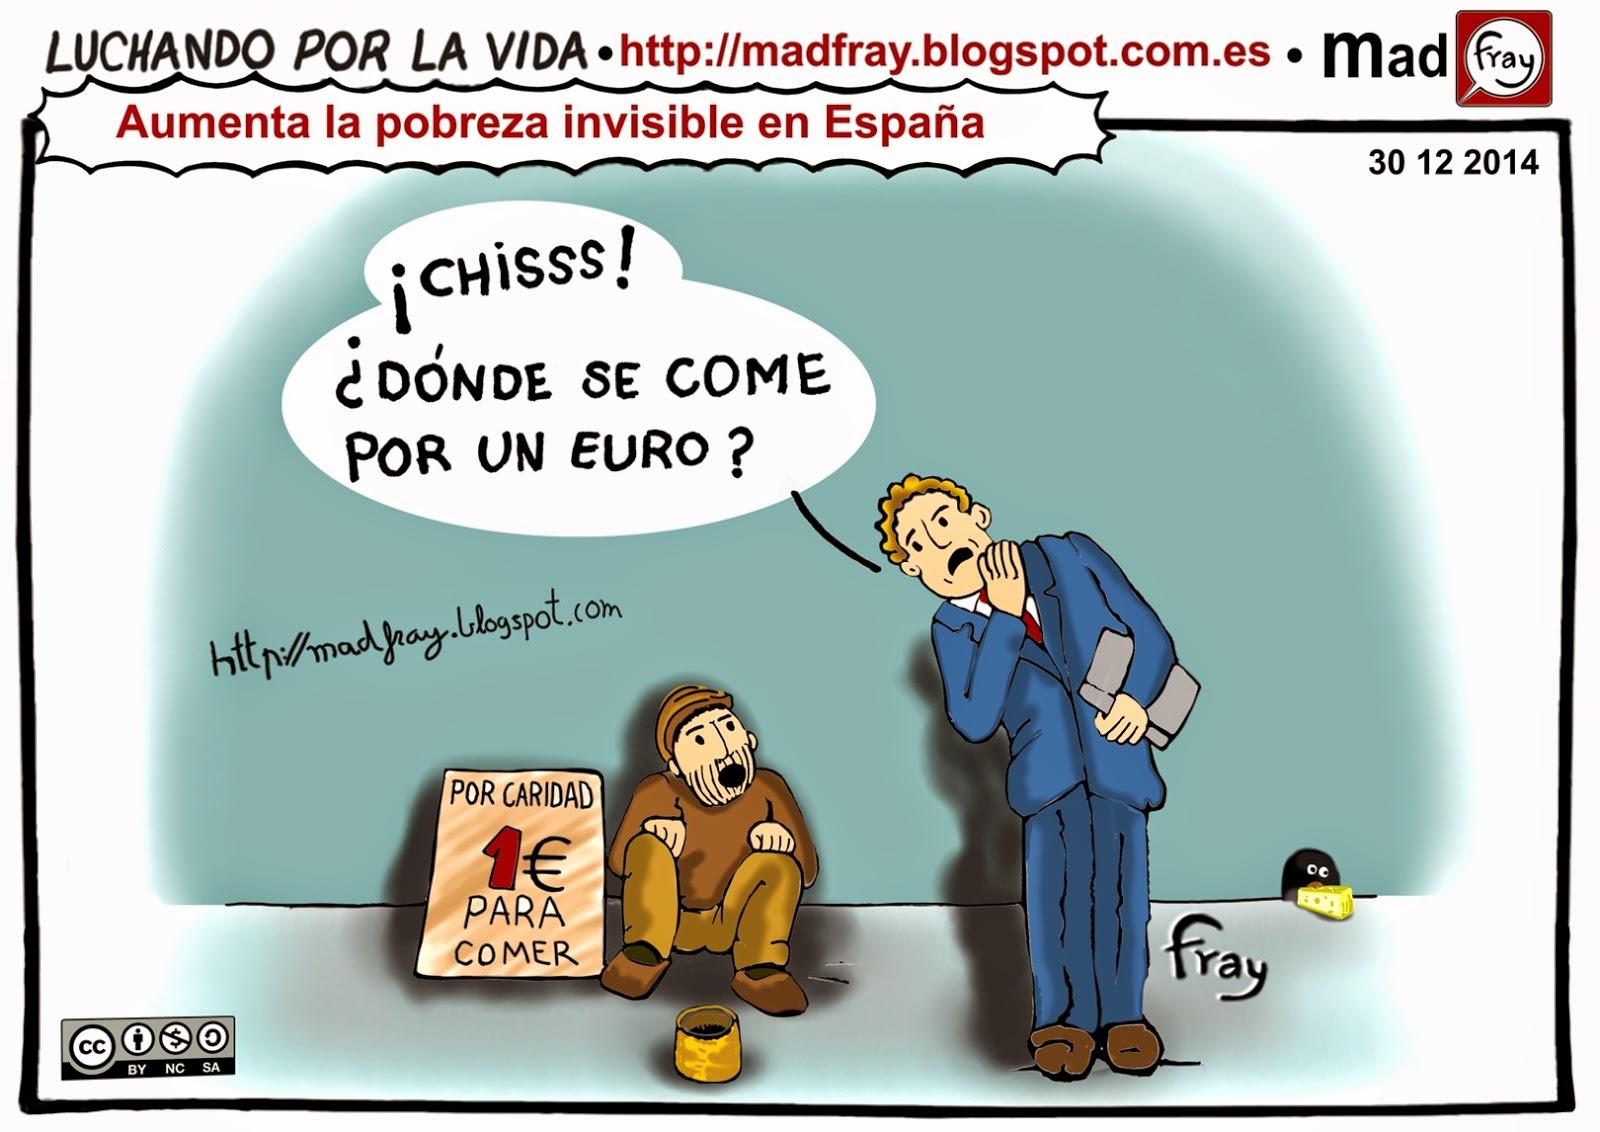 Viñeta, ¡chiss! un euro para comer... ¡chiiss!!¿Donde se come por un euro?